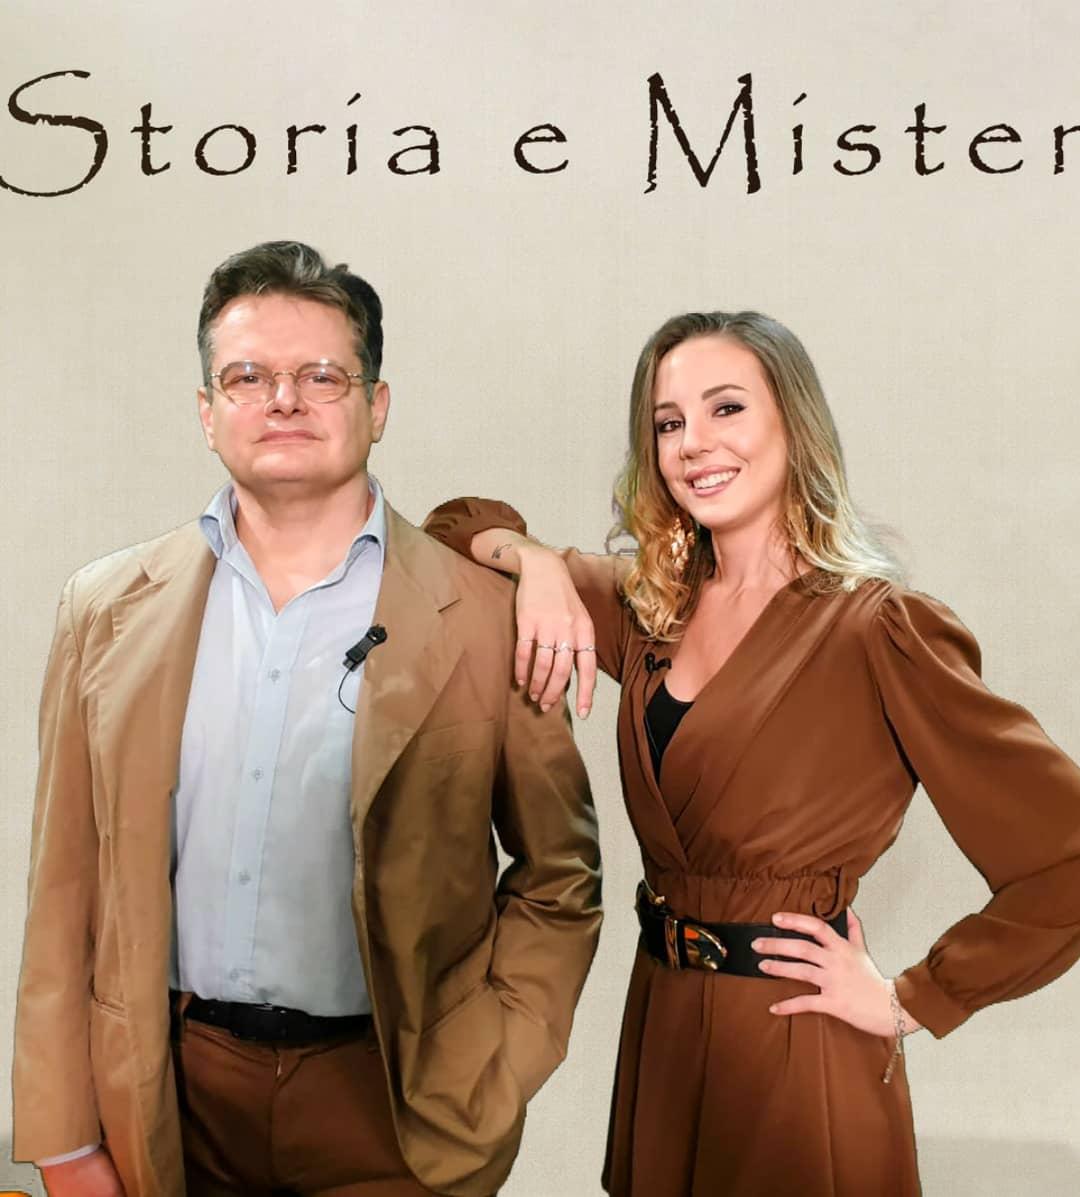 Aristide Malnati e Virginia Reniero in Storia e Misteri